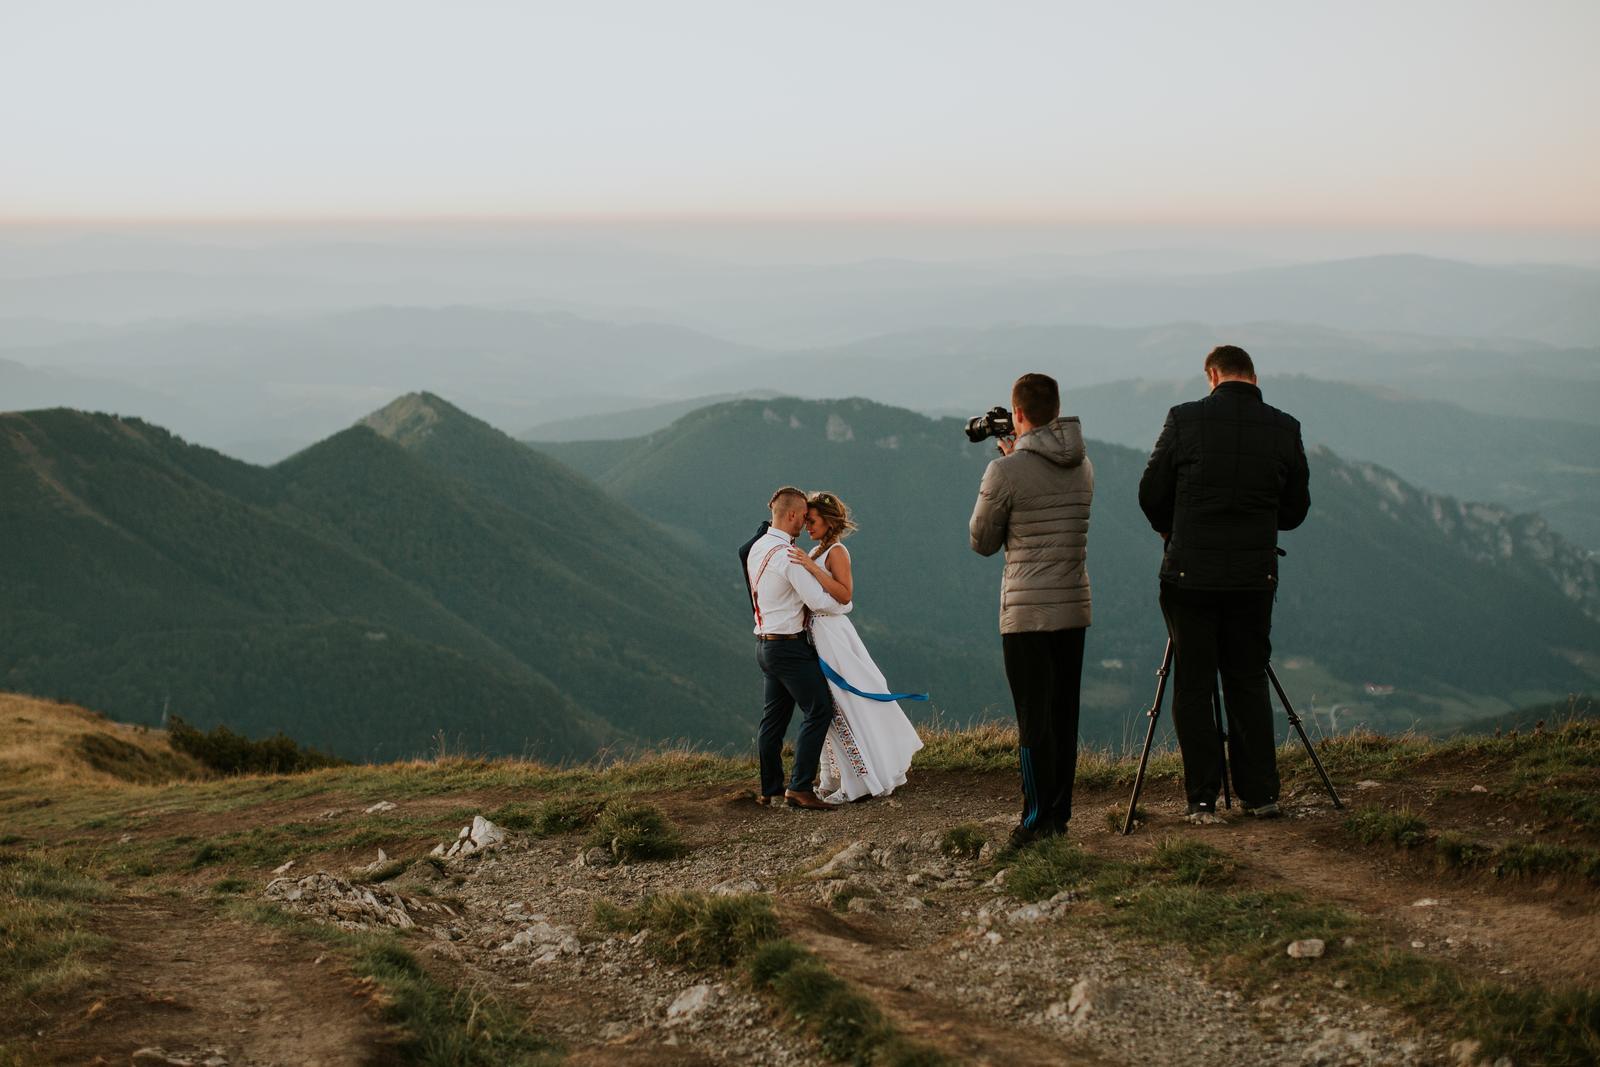 videostudiojarka - Kamerovanie pri západe slnka na Chlebe. Domov sa išlo 1,5 hodiny po tme. Čo by sme nespravili pre super zábery